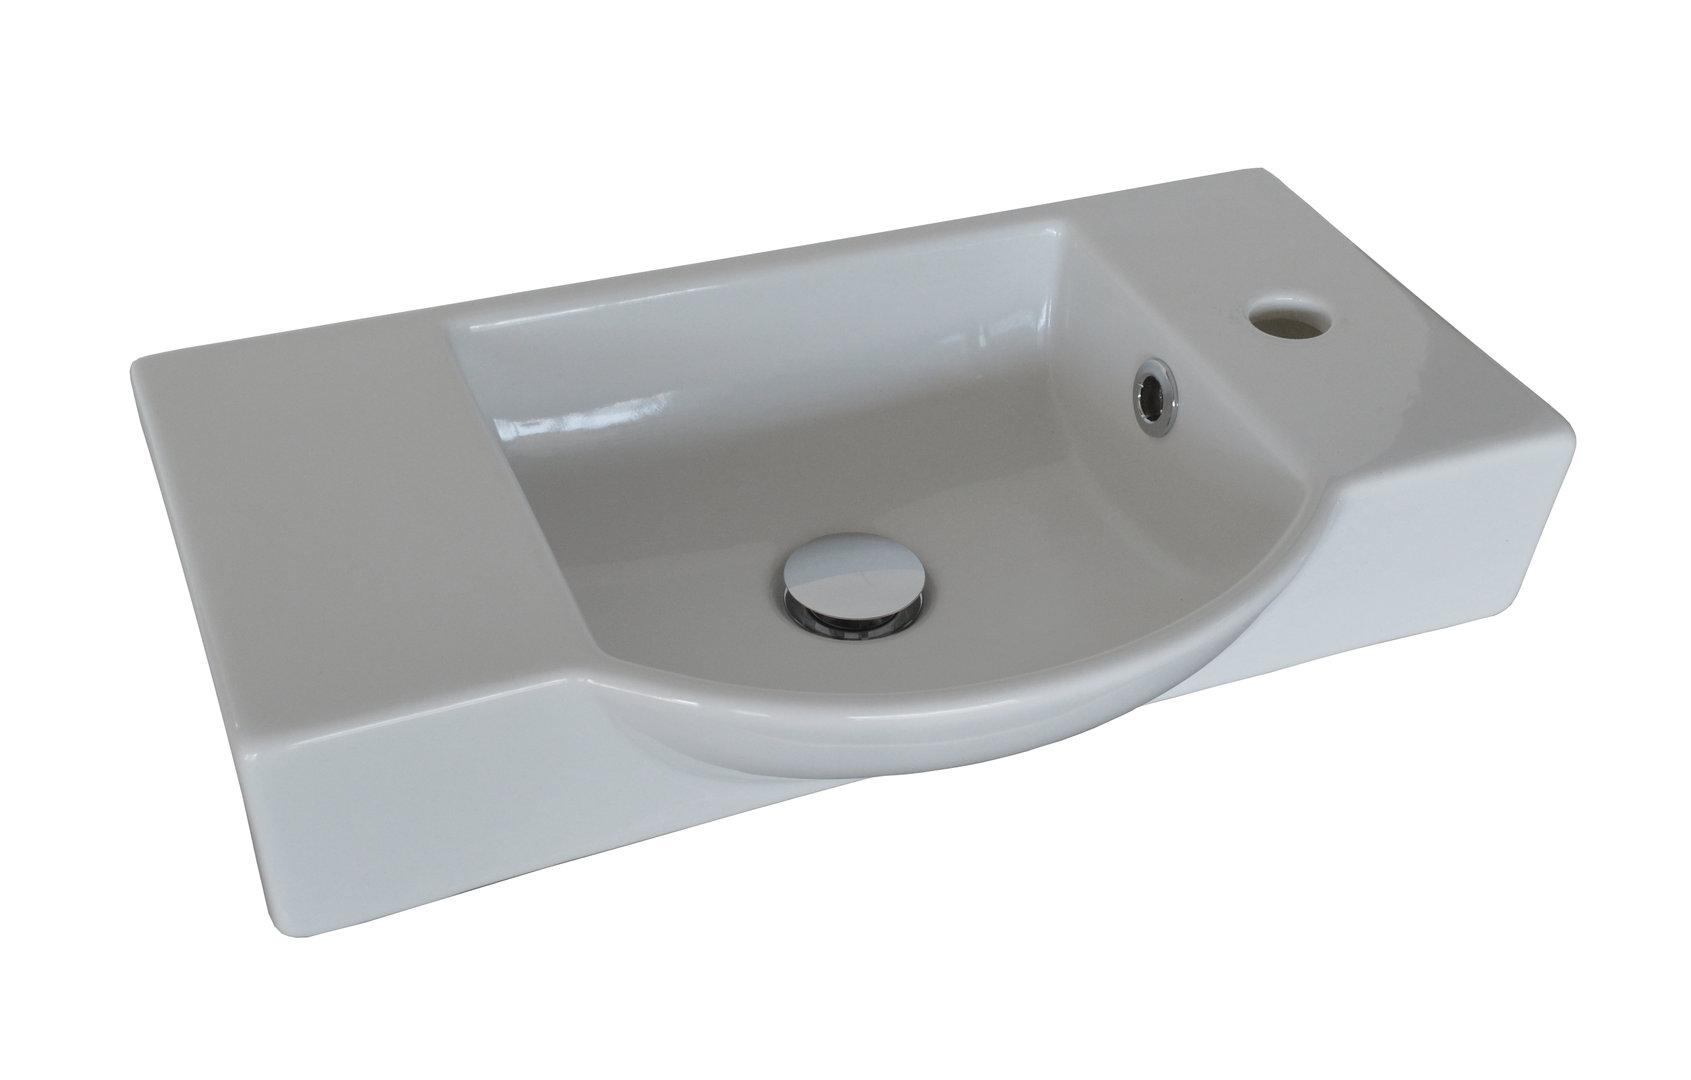 Fackelmann Gäste-WC Keramikbecken DS Farbe Weiß Breite 54,5 cm Armatur  rechts